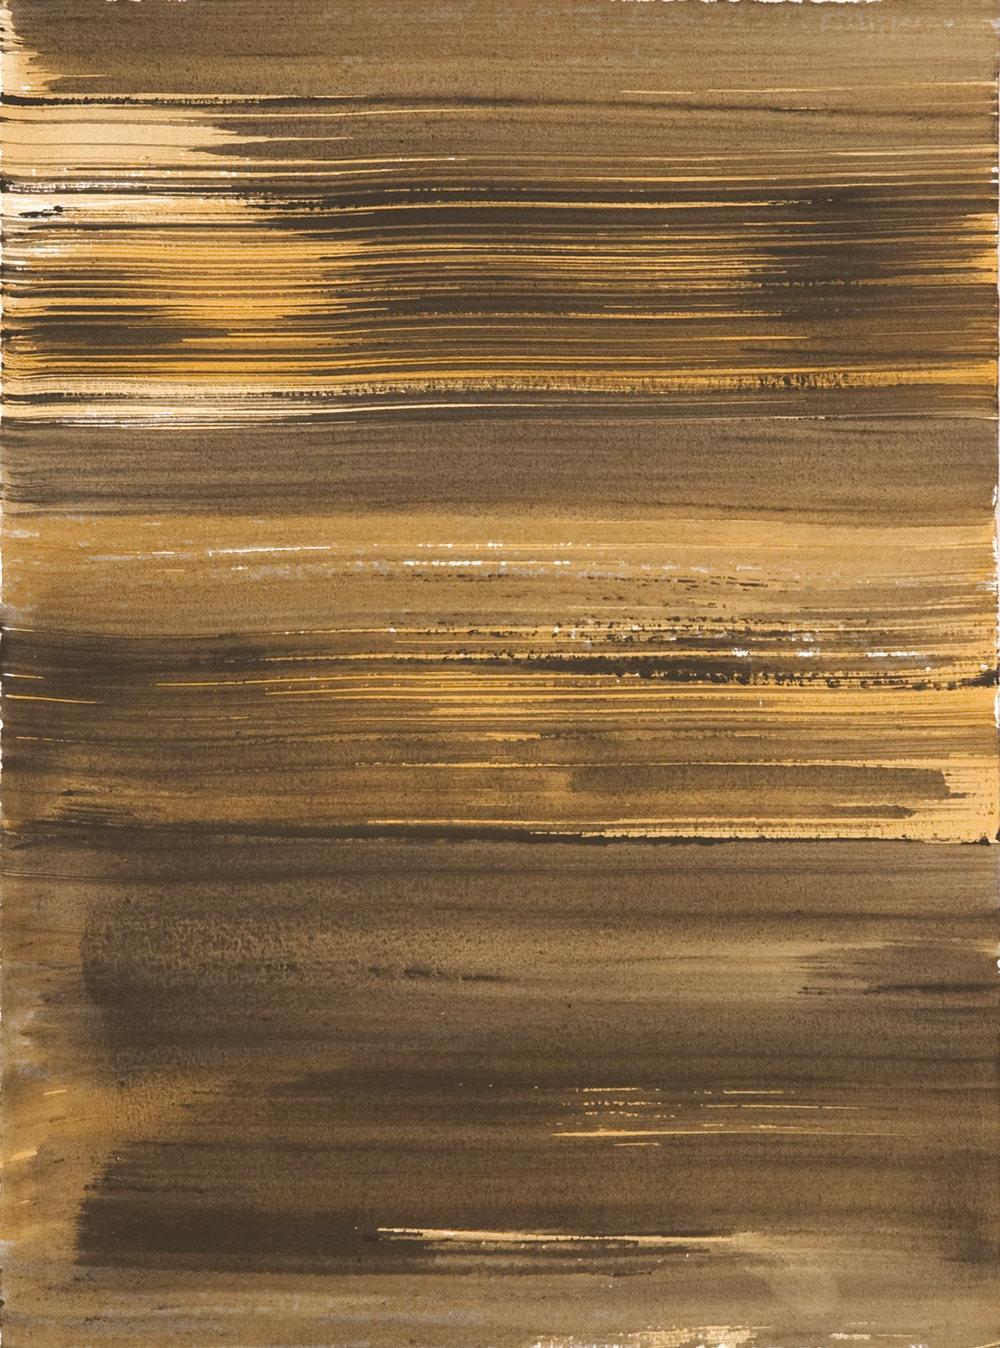 Schist 10 , 2011 casein on paper 15 x 11 in.